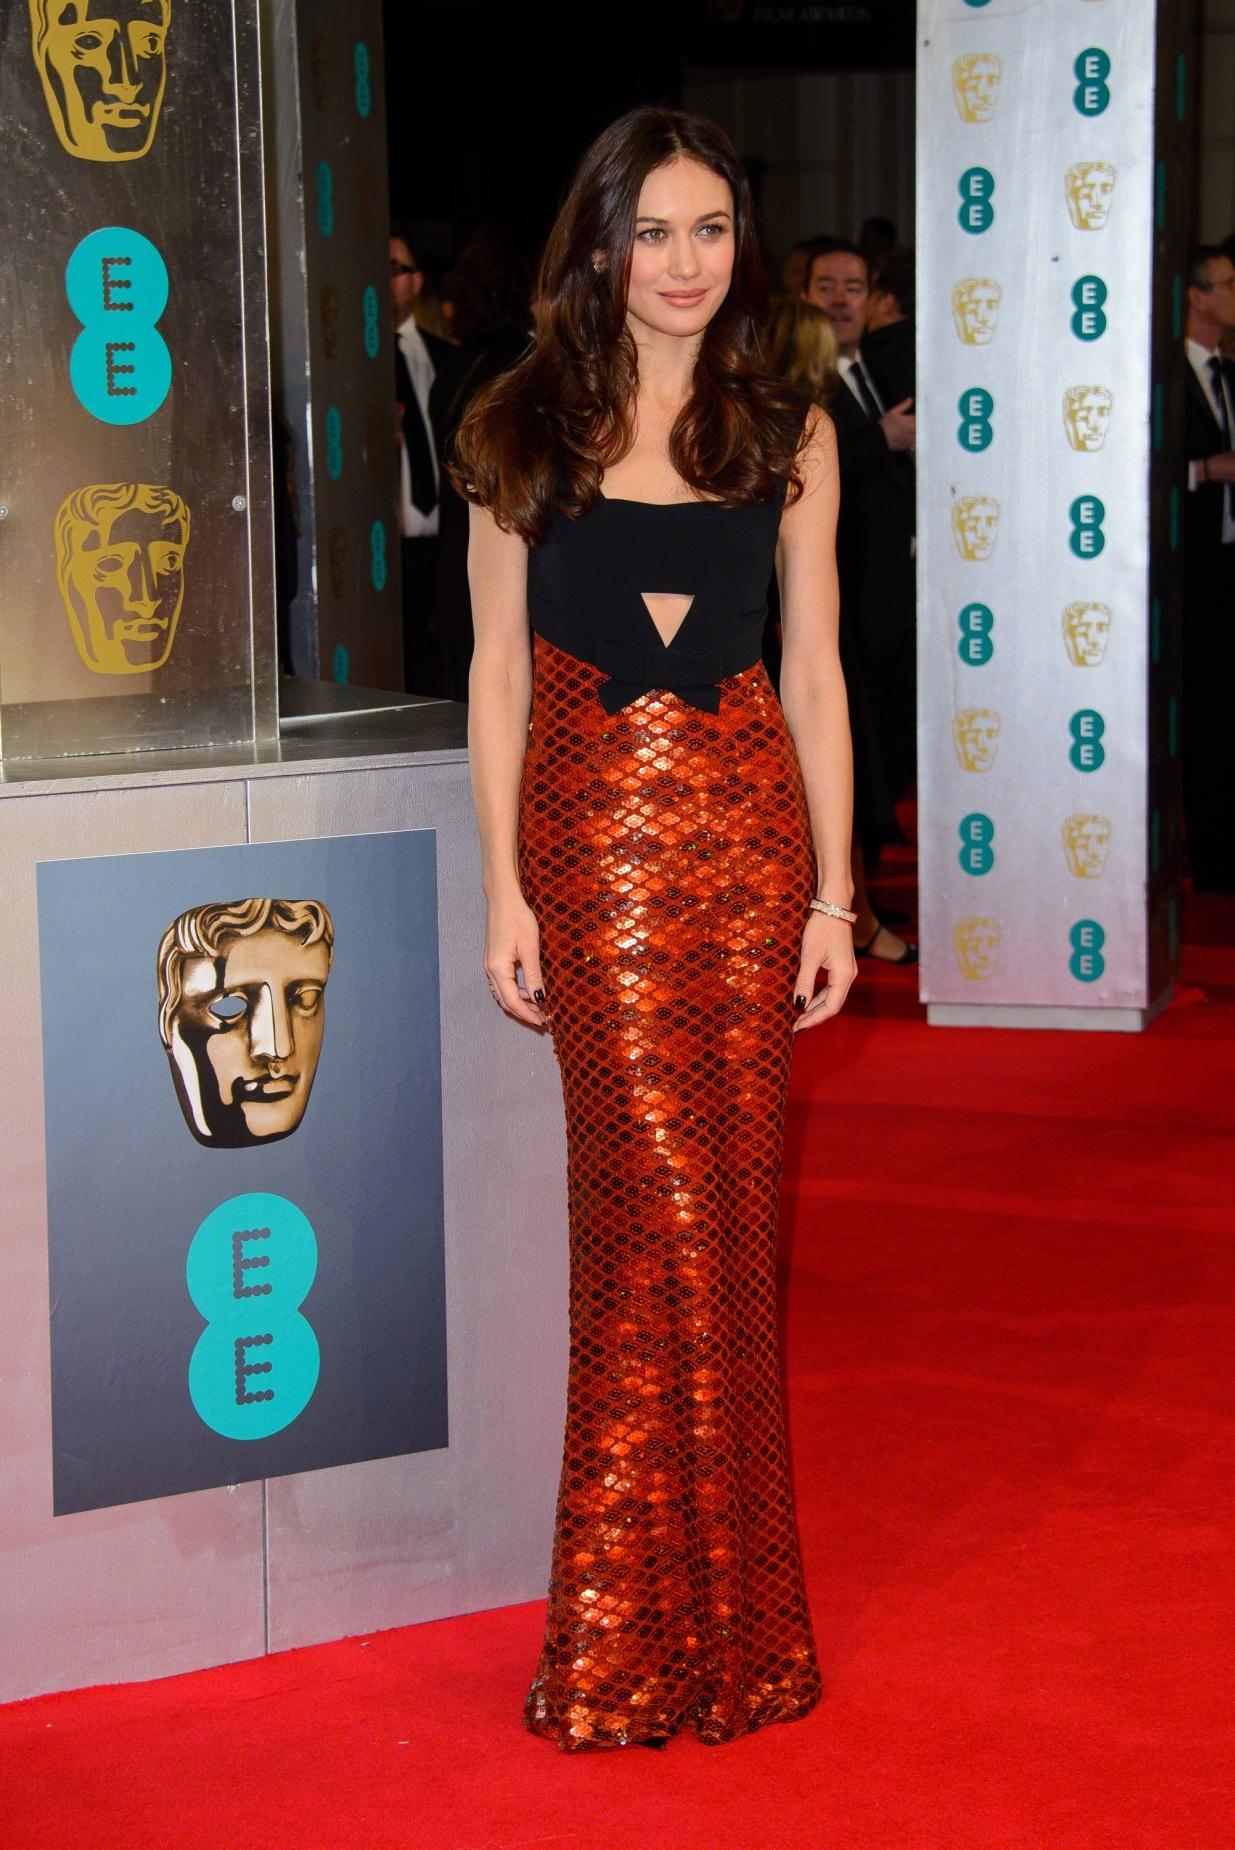 Vedetele @ Premiile BAFTA 2014